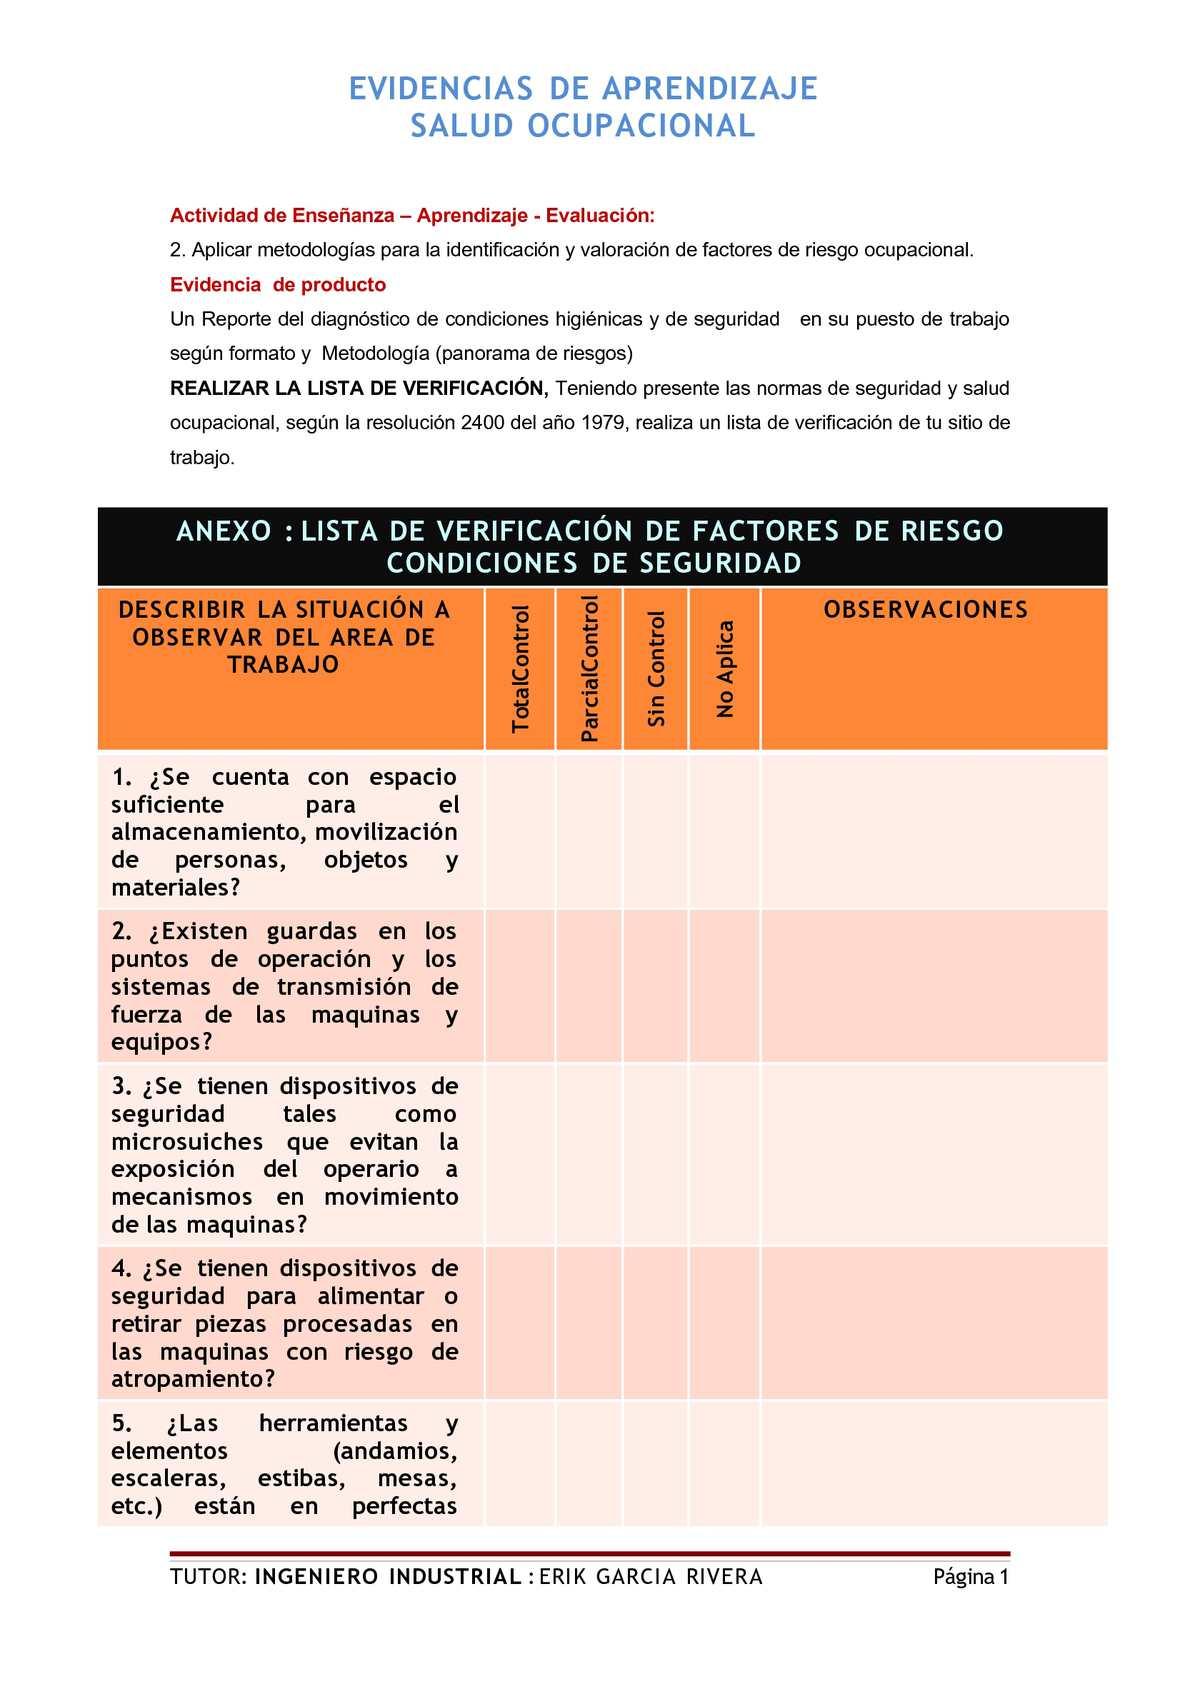 Calaméo - EJEMPLO DE LISTAS CHEQUEO O DE VERIFICACIÓN DE RIESGOS